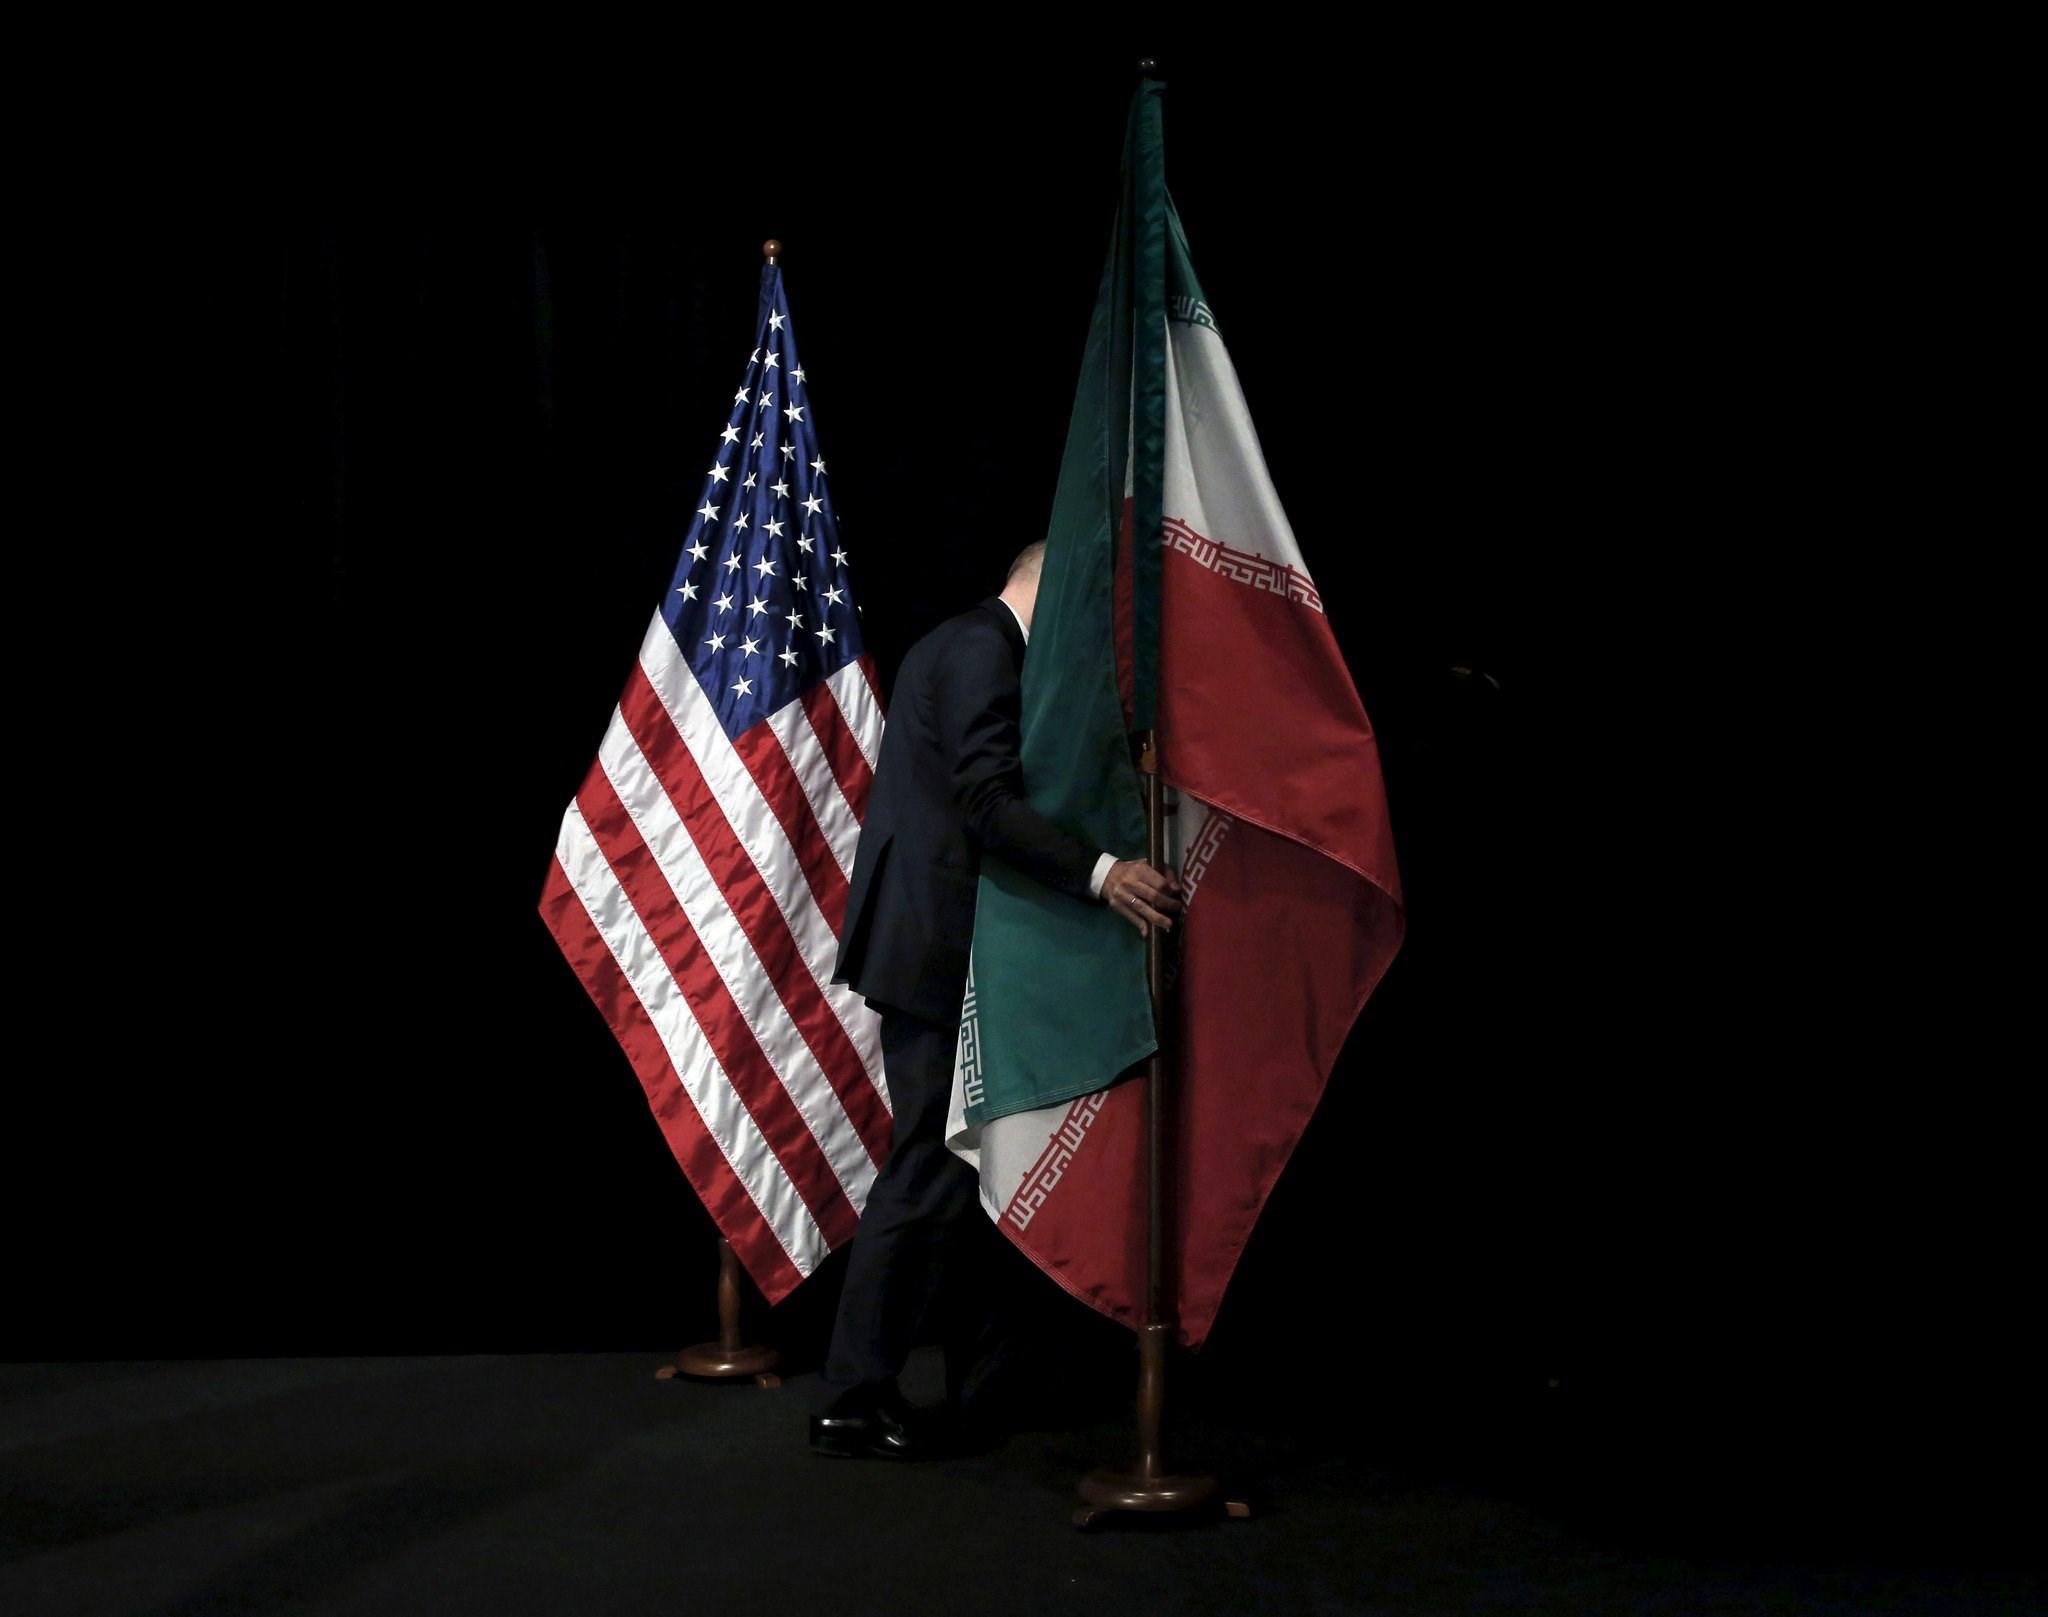 العلمان الإيراني والأميركي خلال المحادثات النووية عام 2015 (رويترز)